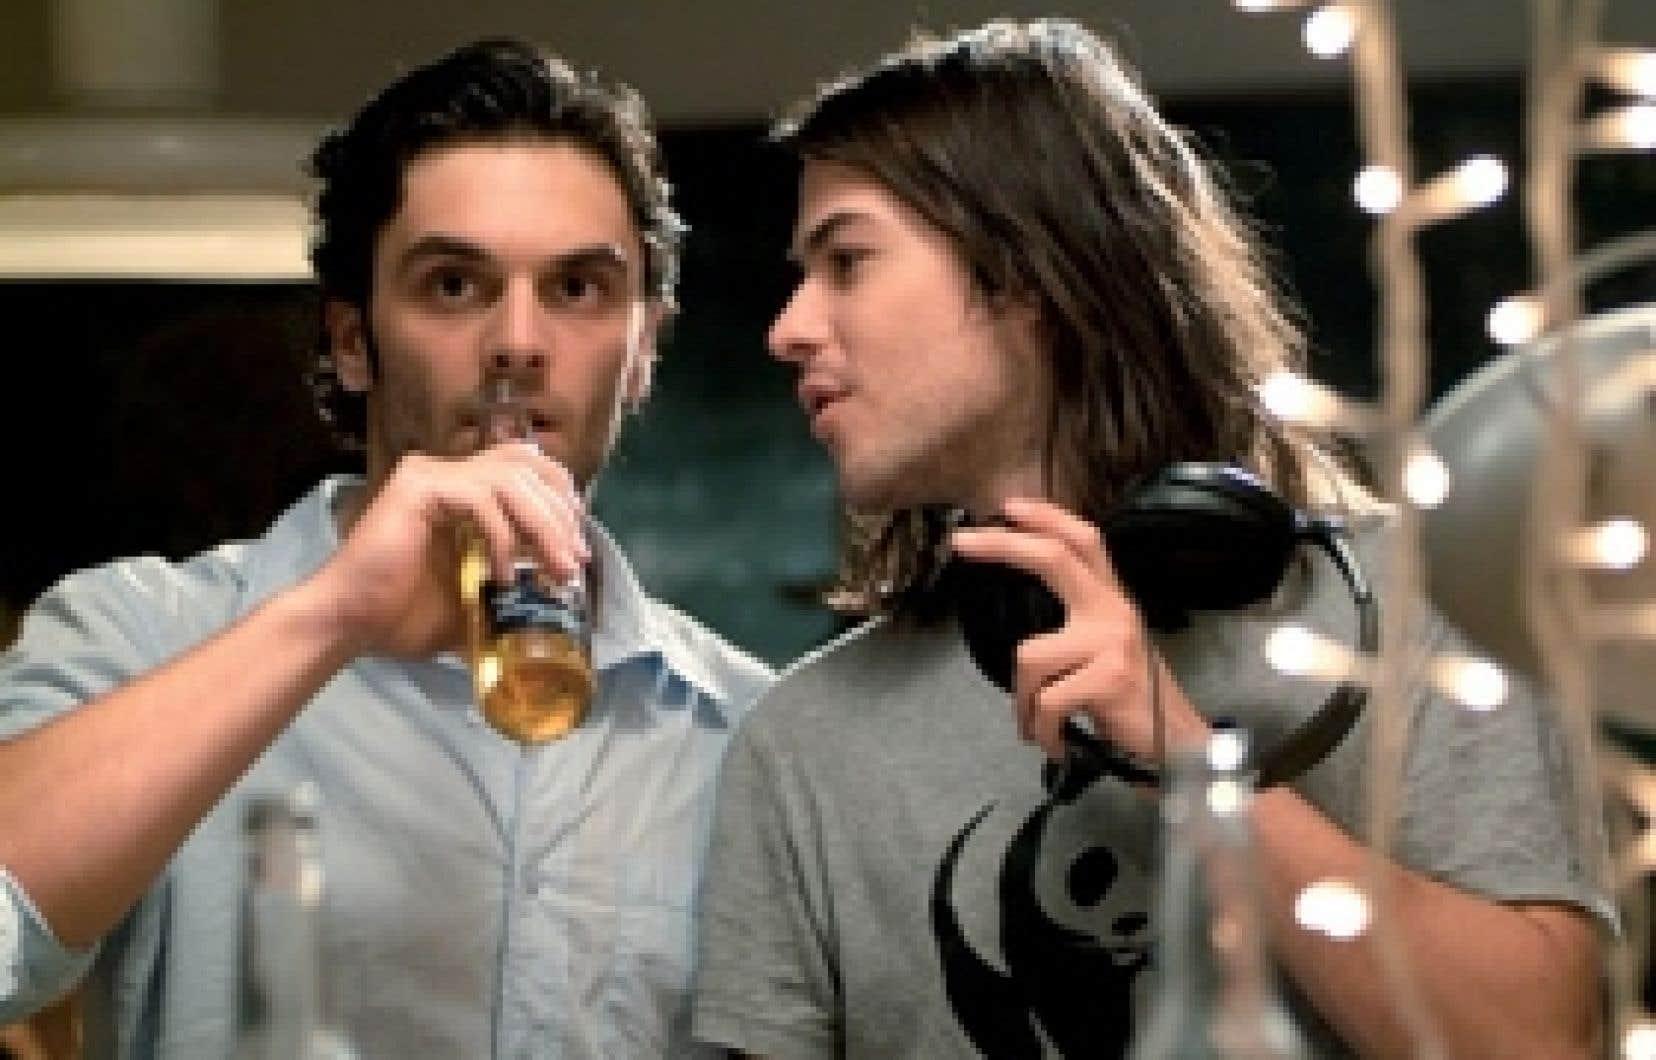 Marc-André Grondin (à droite) est en nomination aux Césars dans la catégorie du «meilleur espoir masculin» pour son rôle dans le film français Le Premier Jour du reste de ta vie.